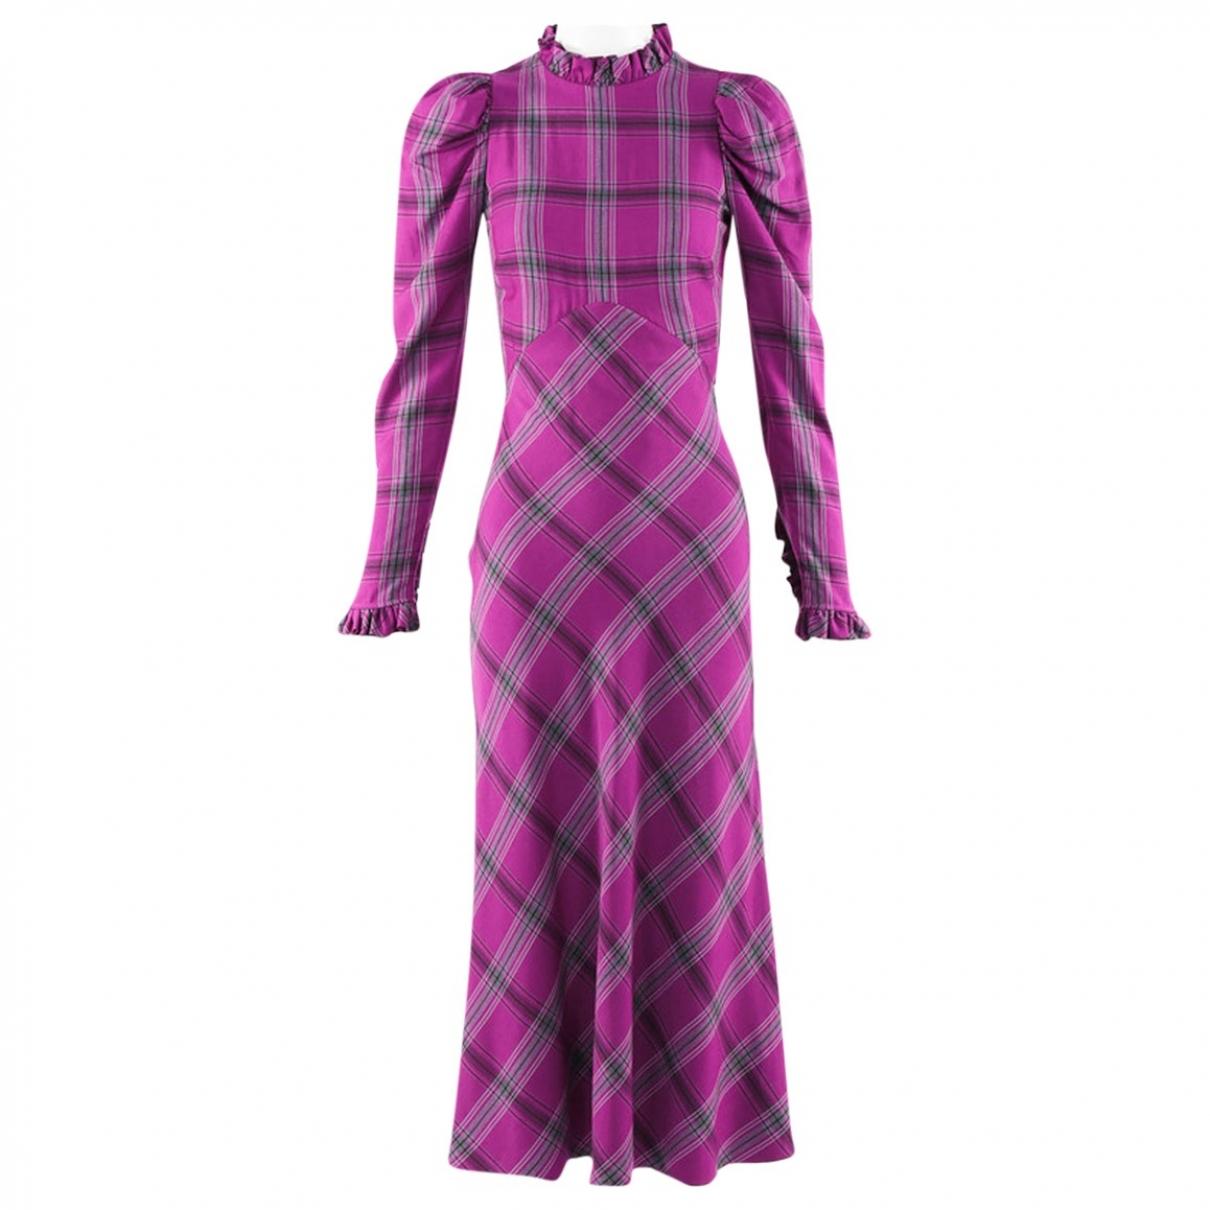 Temperley London \N Kleid in  Lila Viskose